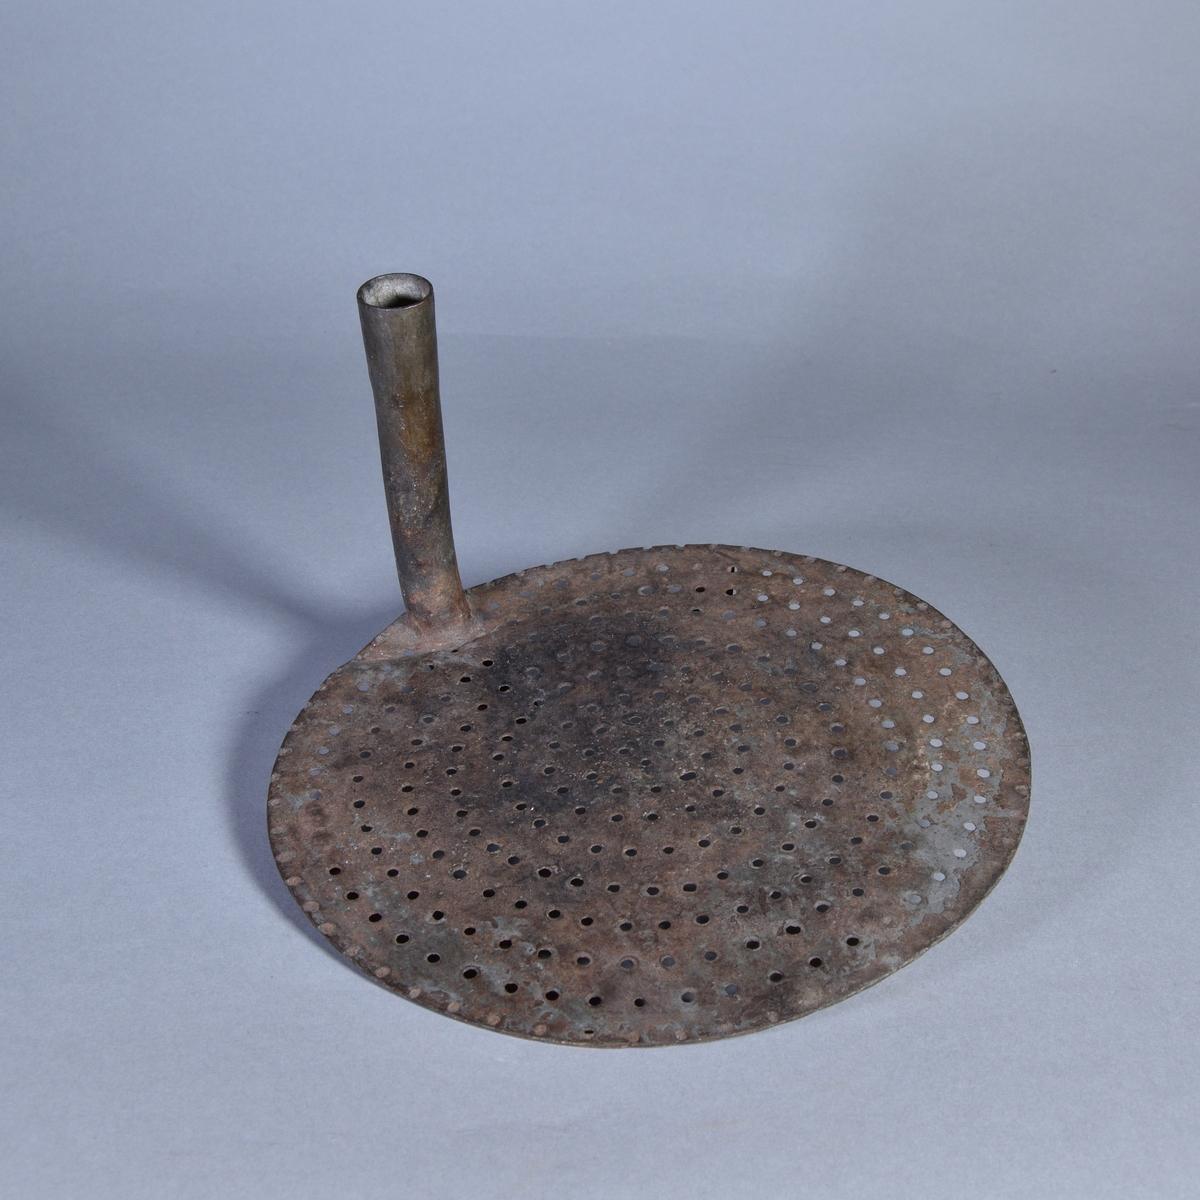 Bunke av metall med rundad botten och utvikt kant. Lös sil av järn på tre låga stöd. I ena sidan av silen pålött böjt rör.